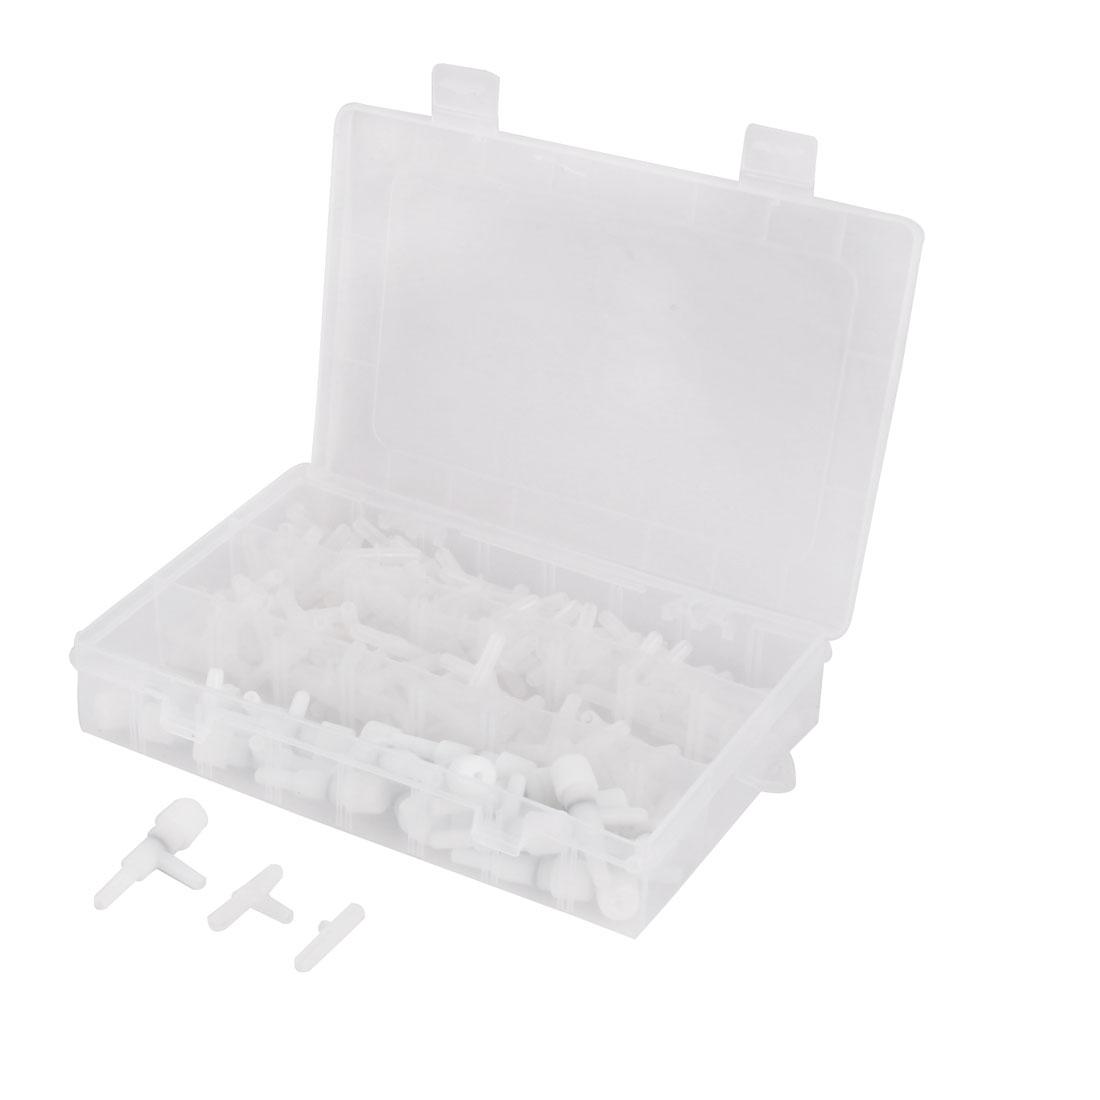 Aquarium Plastic Air Pump Control Return Valve Tubing Connector Set 170 in 1